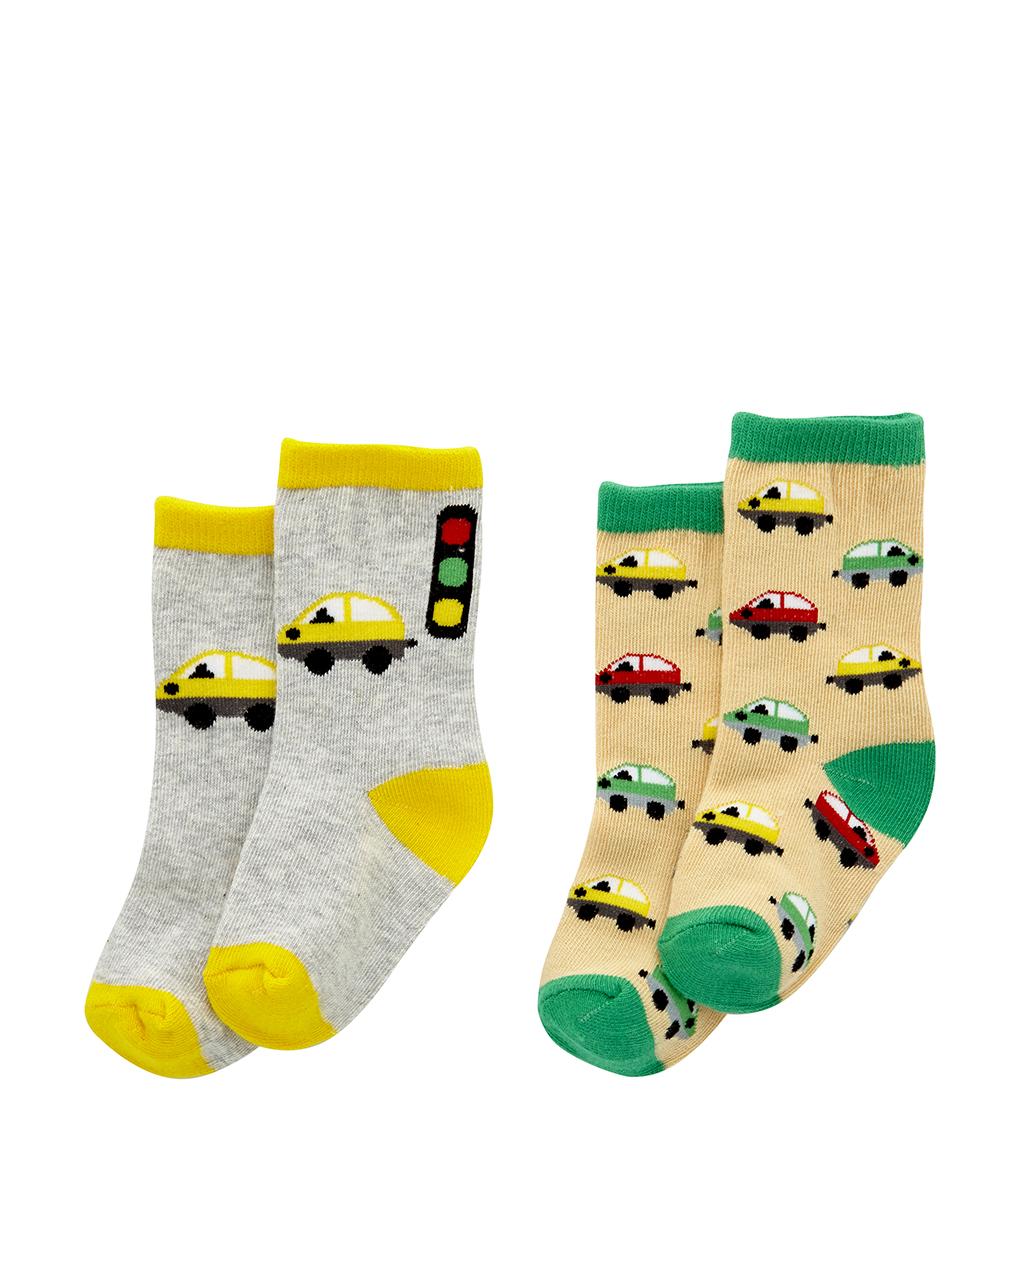 Κάλτσες με Σχέδια Πακέτο x2 για Αγόρι